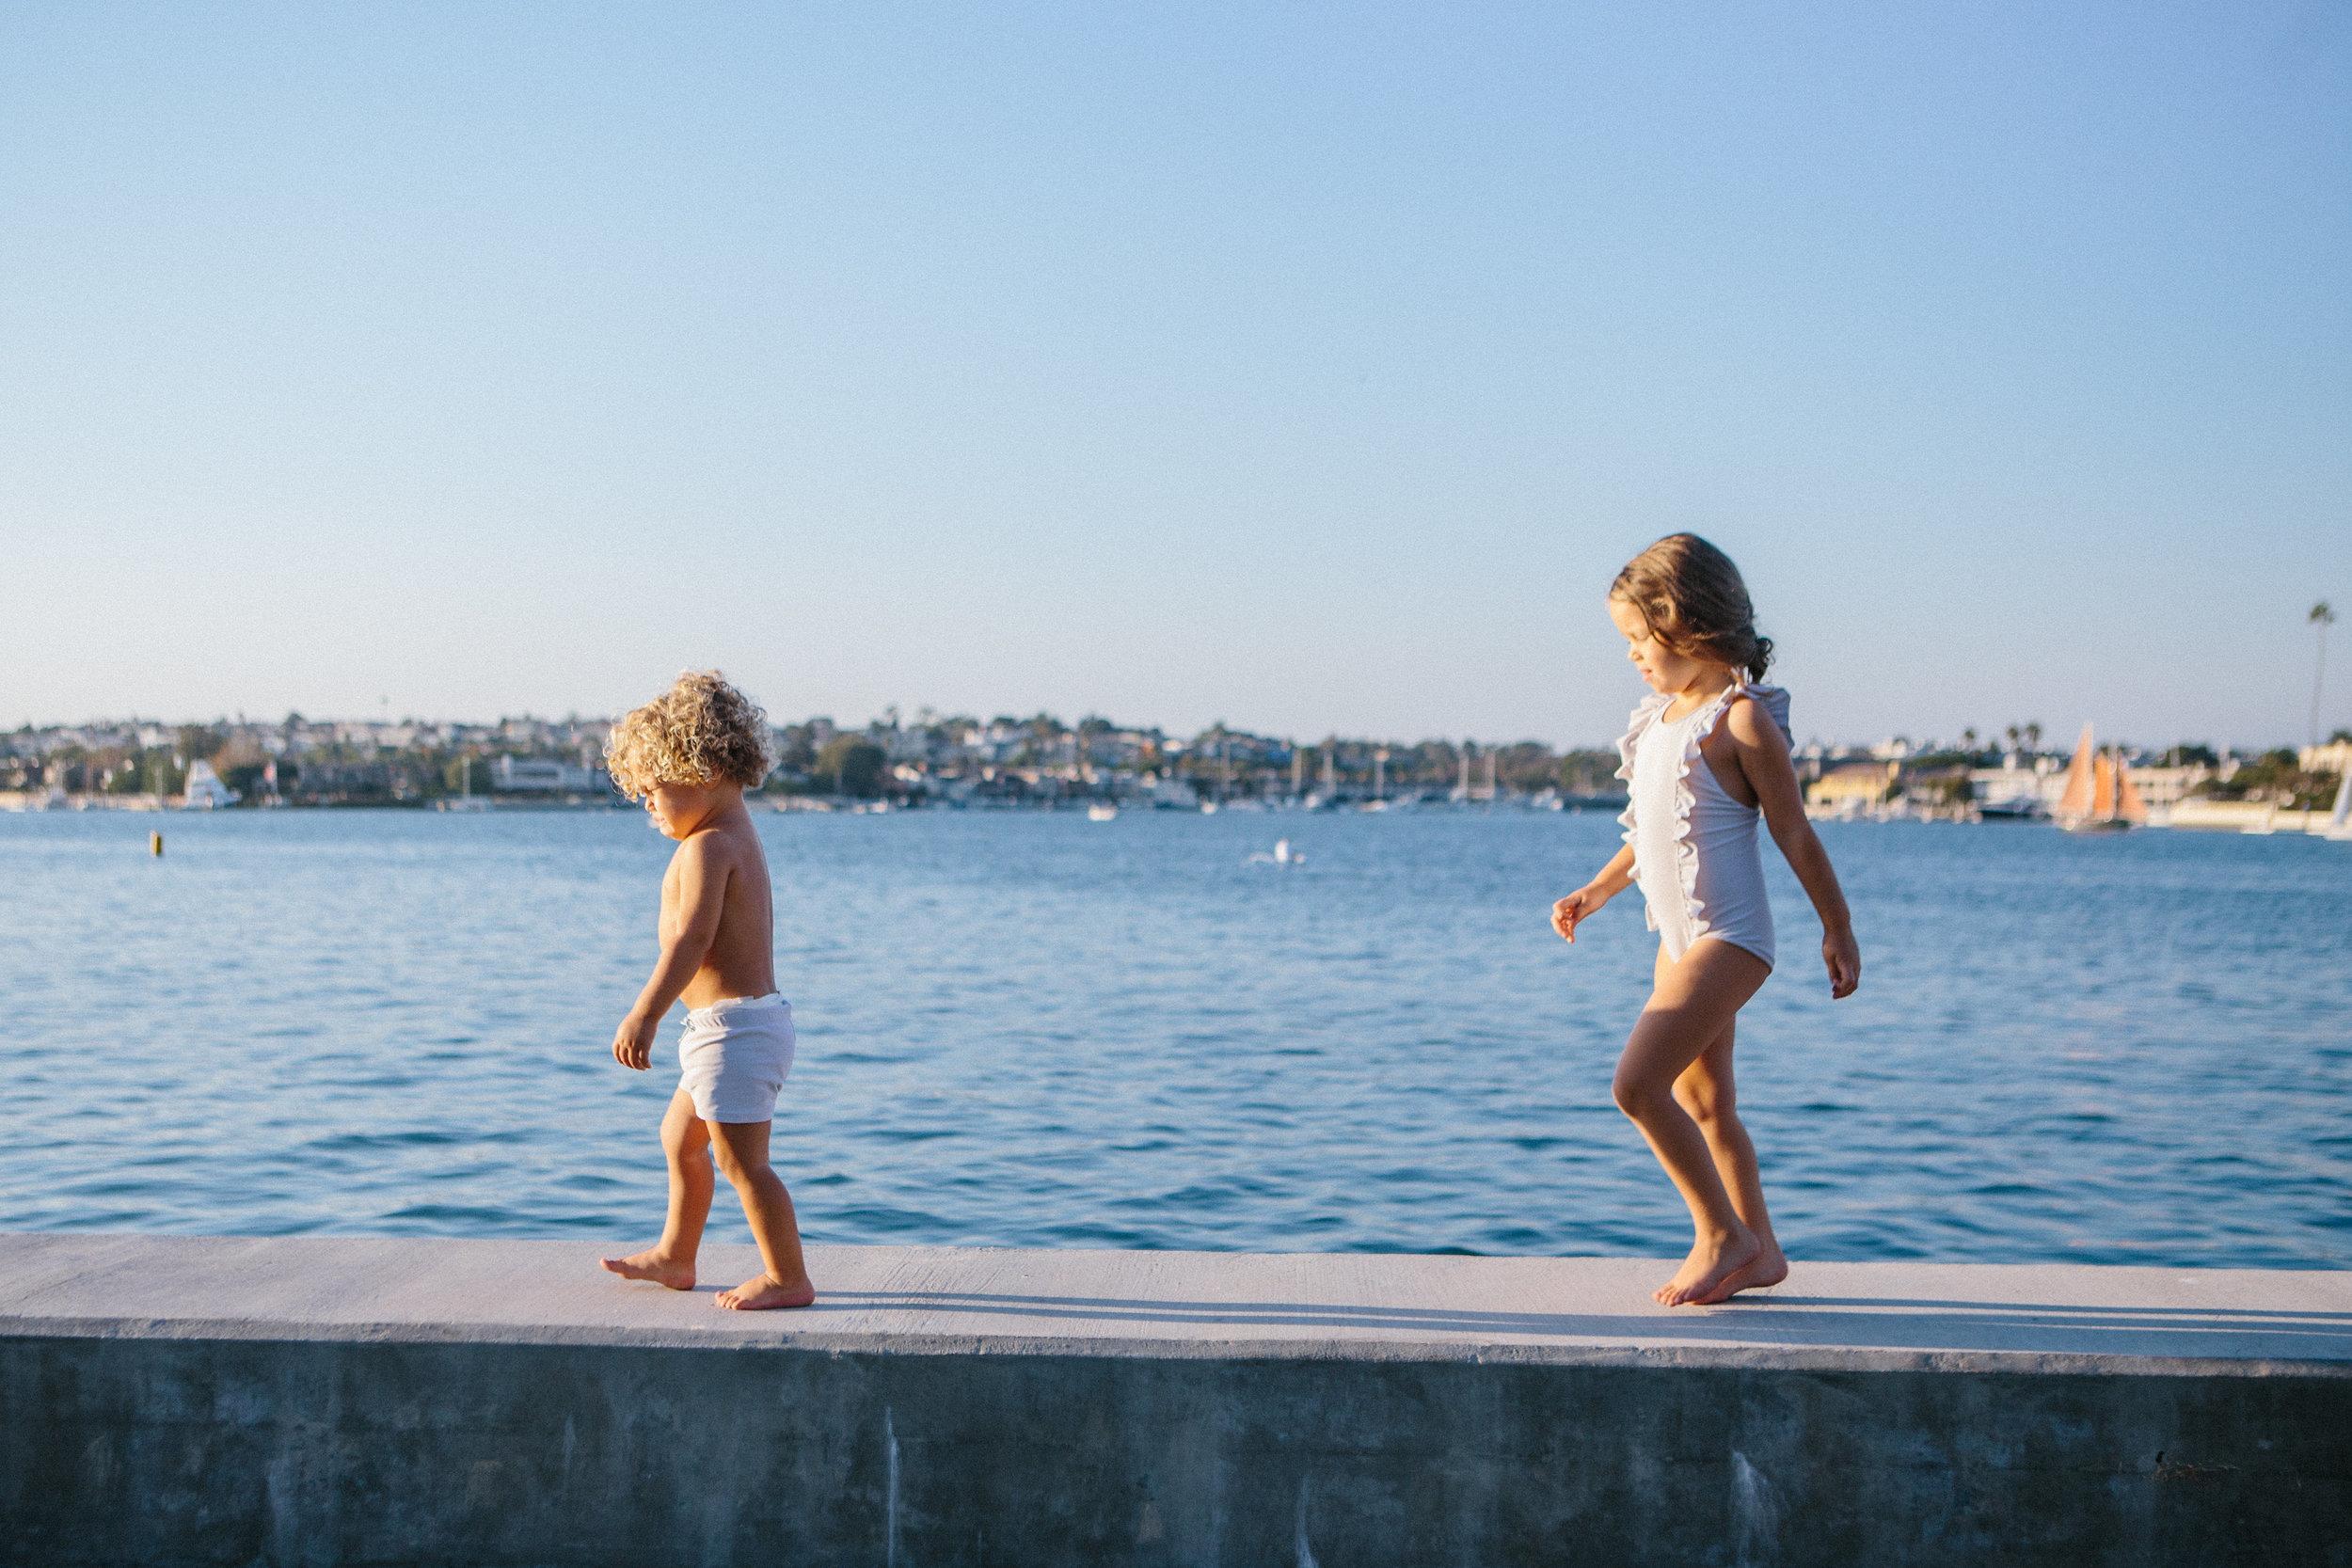 balboa island summer vacation